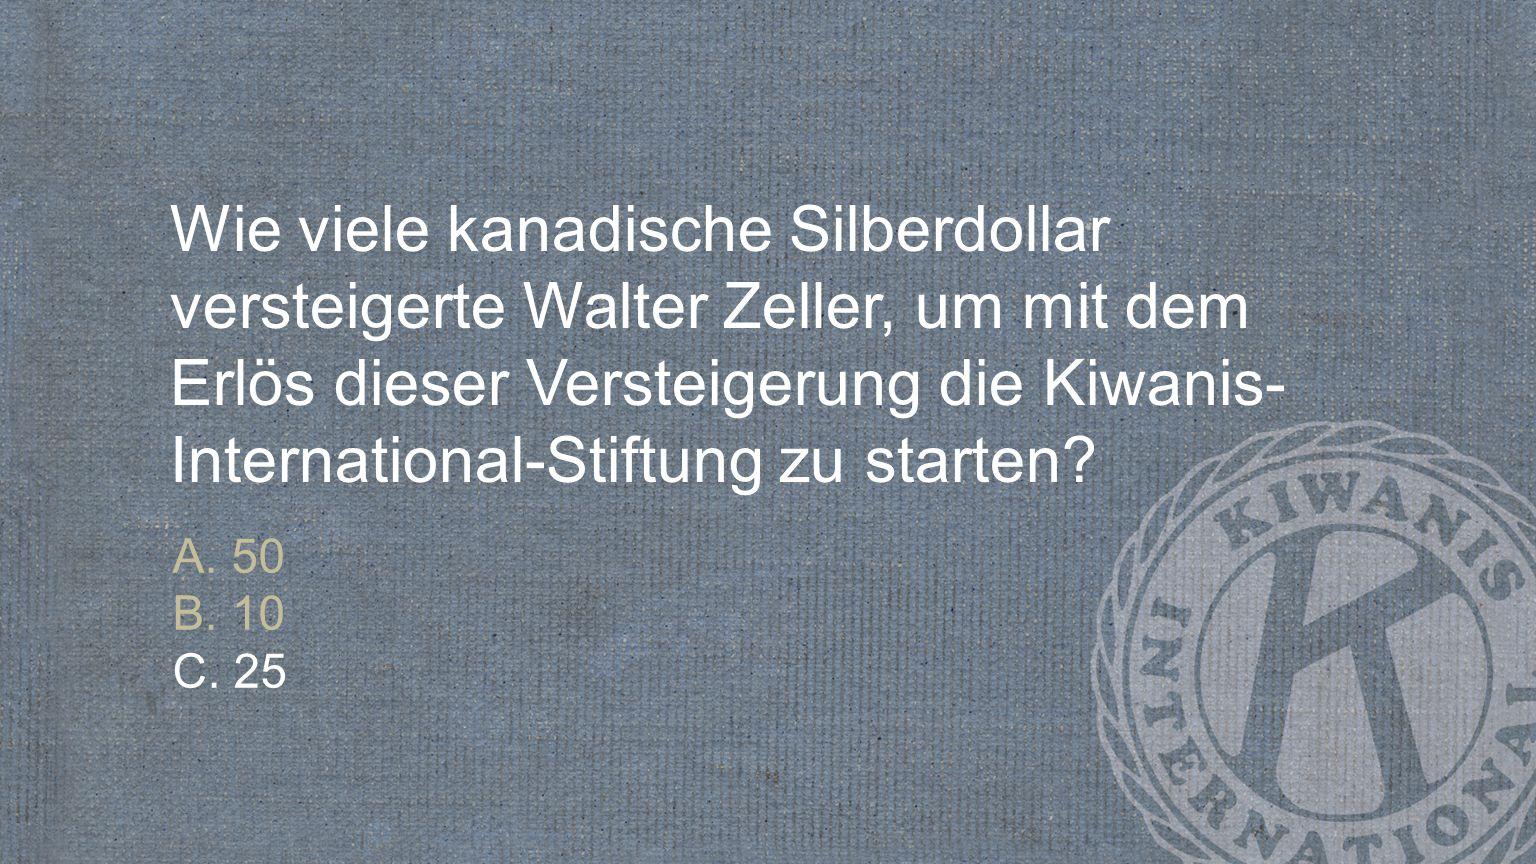 Wie viele kanadische Silberdollar versteigerte Walter Zeller, um mit dem Erlös dieser Versteigerung die Kiwanis- International-Stiftung zu starten? A.